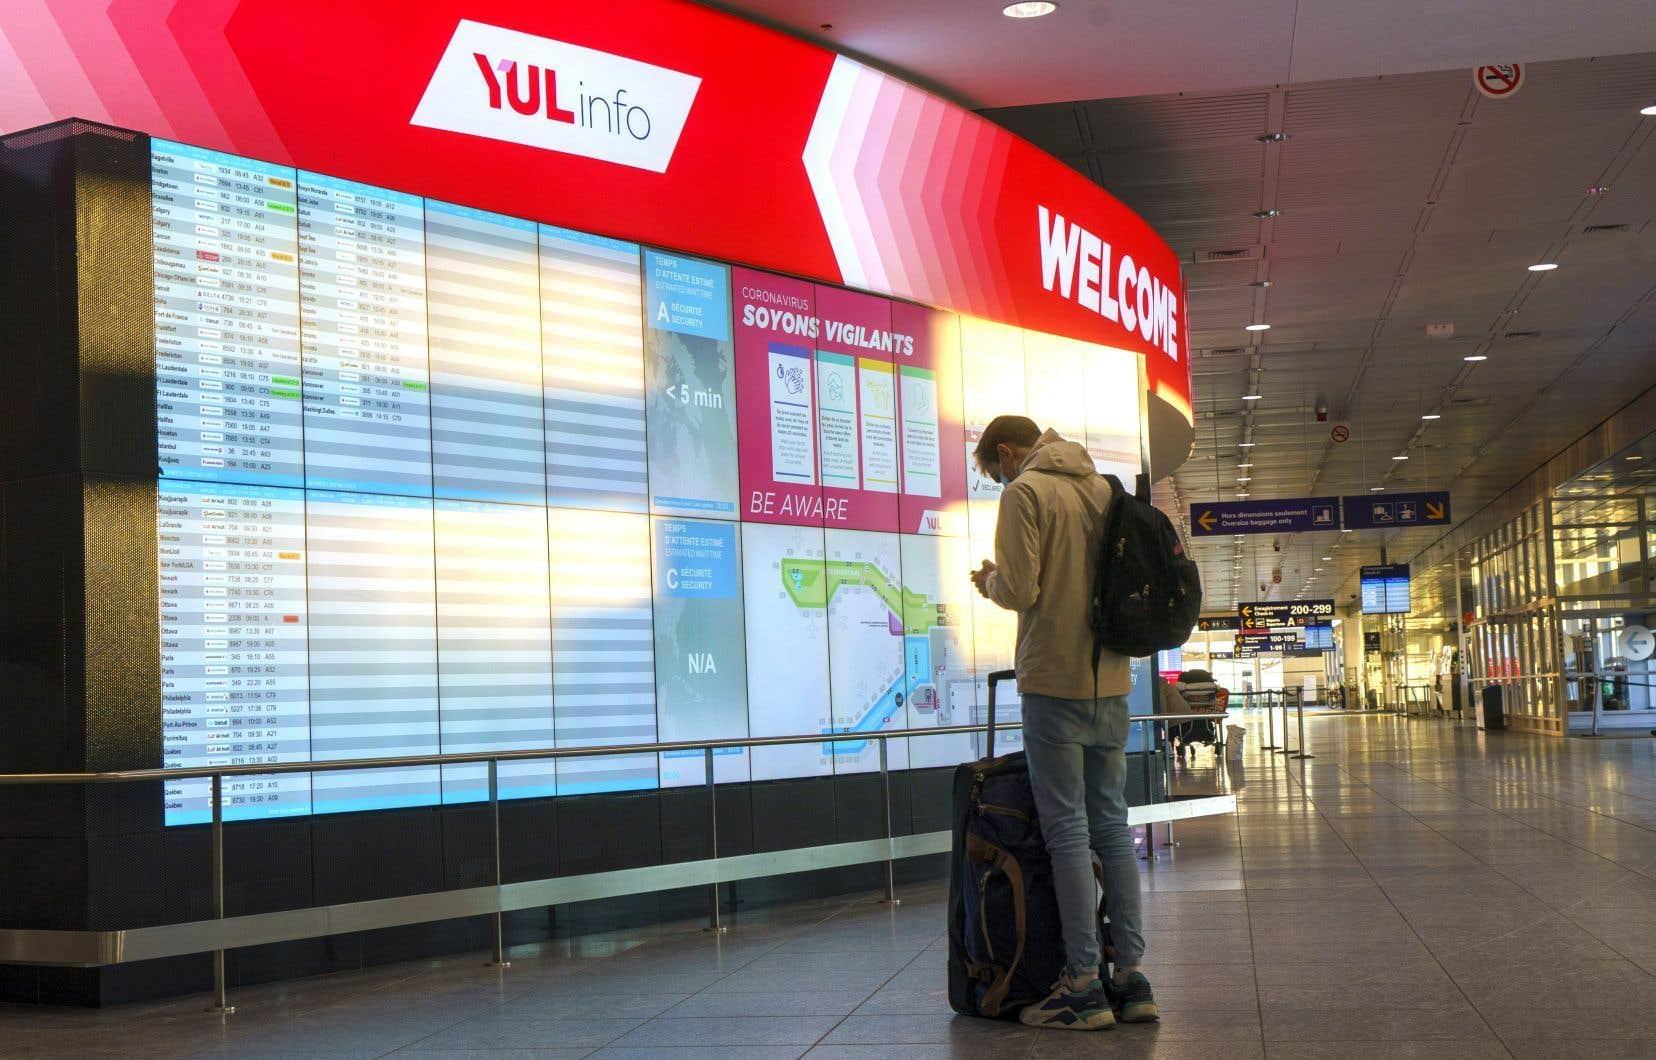 Le premier ministre François Legault préférerait voir le gouvernement fédéral interdire les vols non essentiels et instaurer une quarantaine obligatoire dans les hôtels.